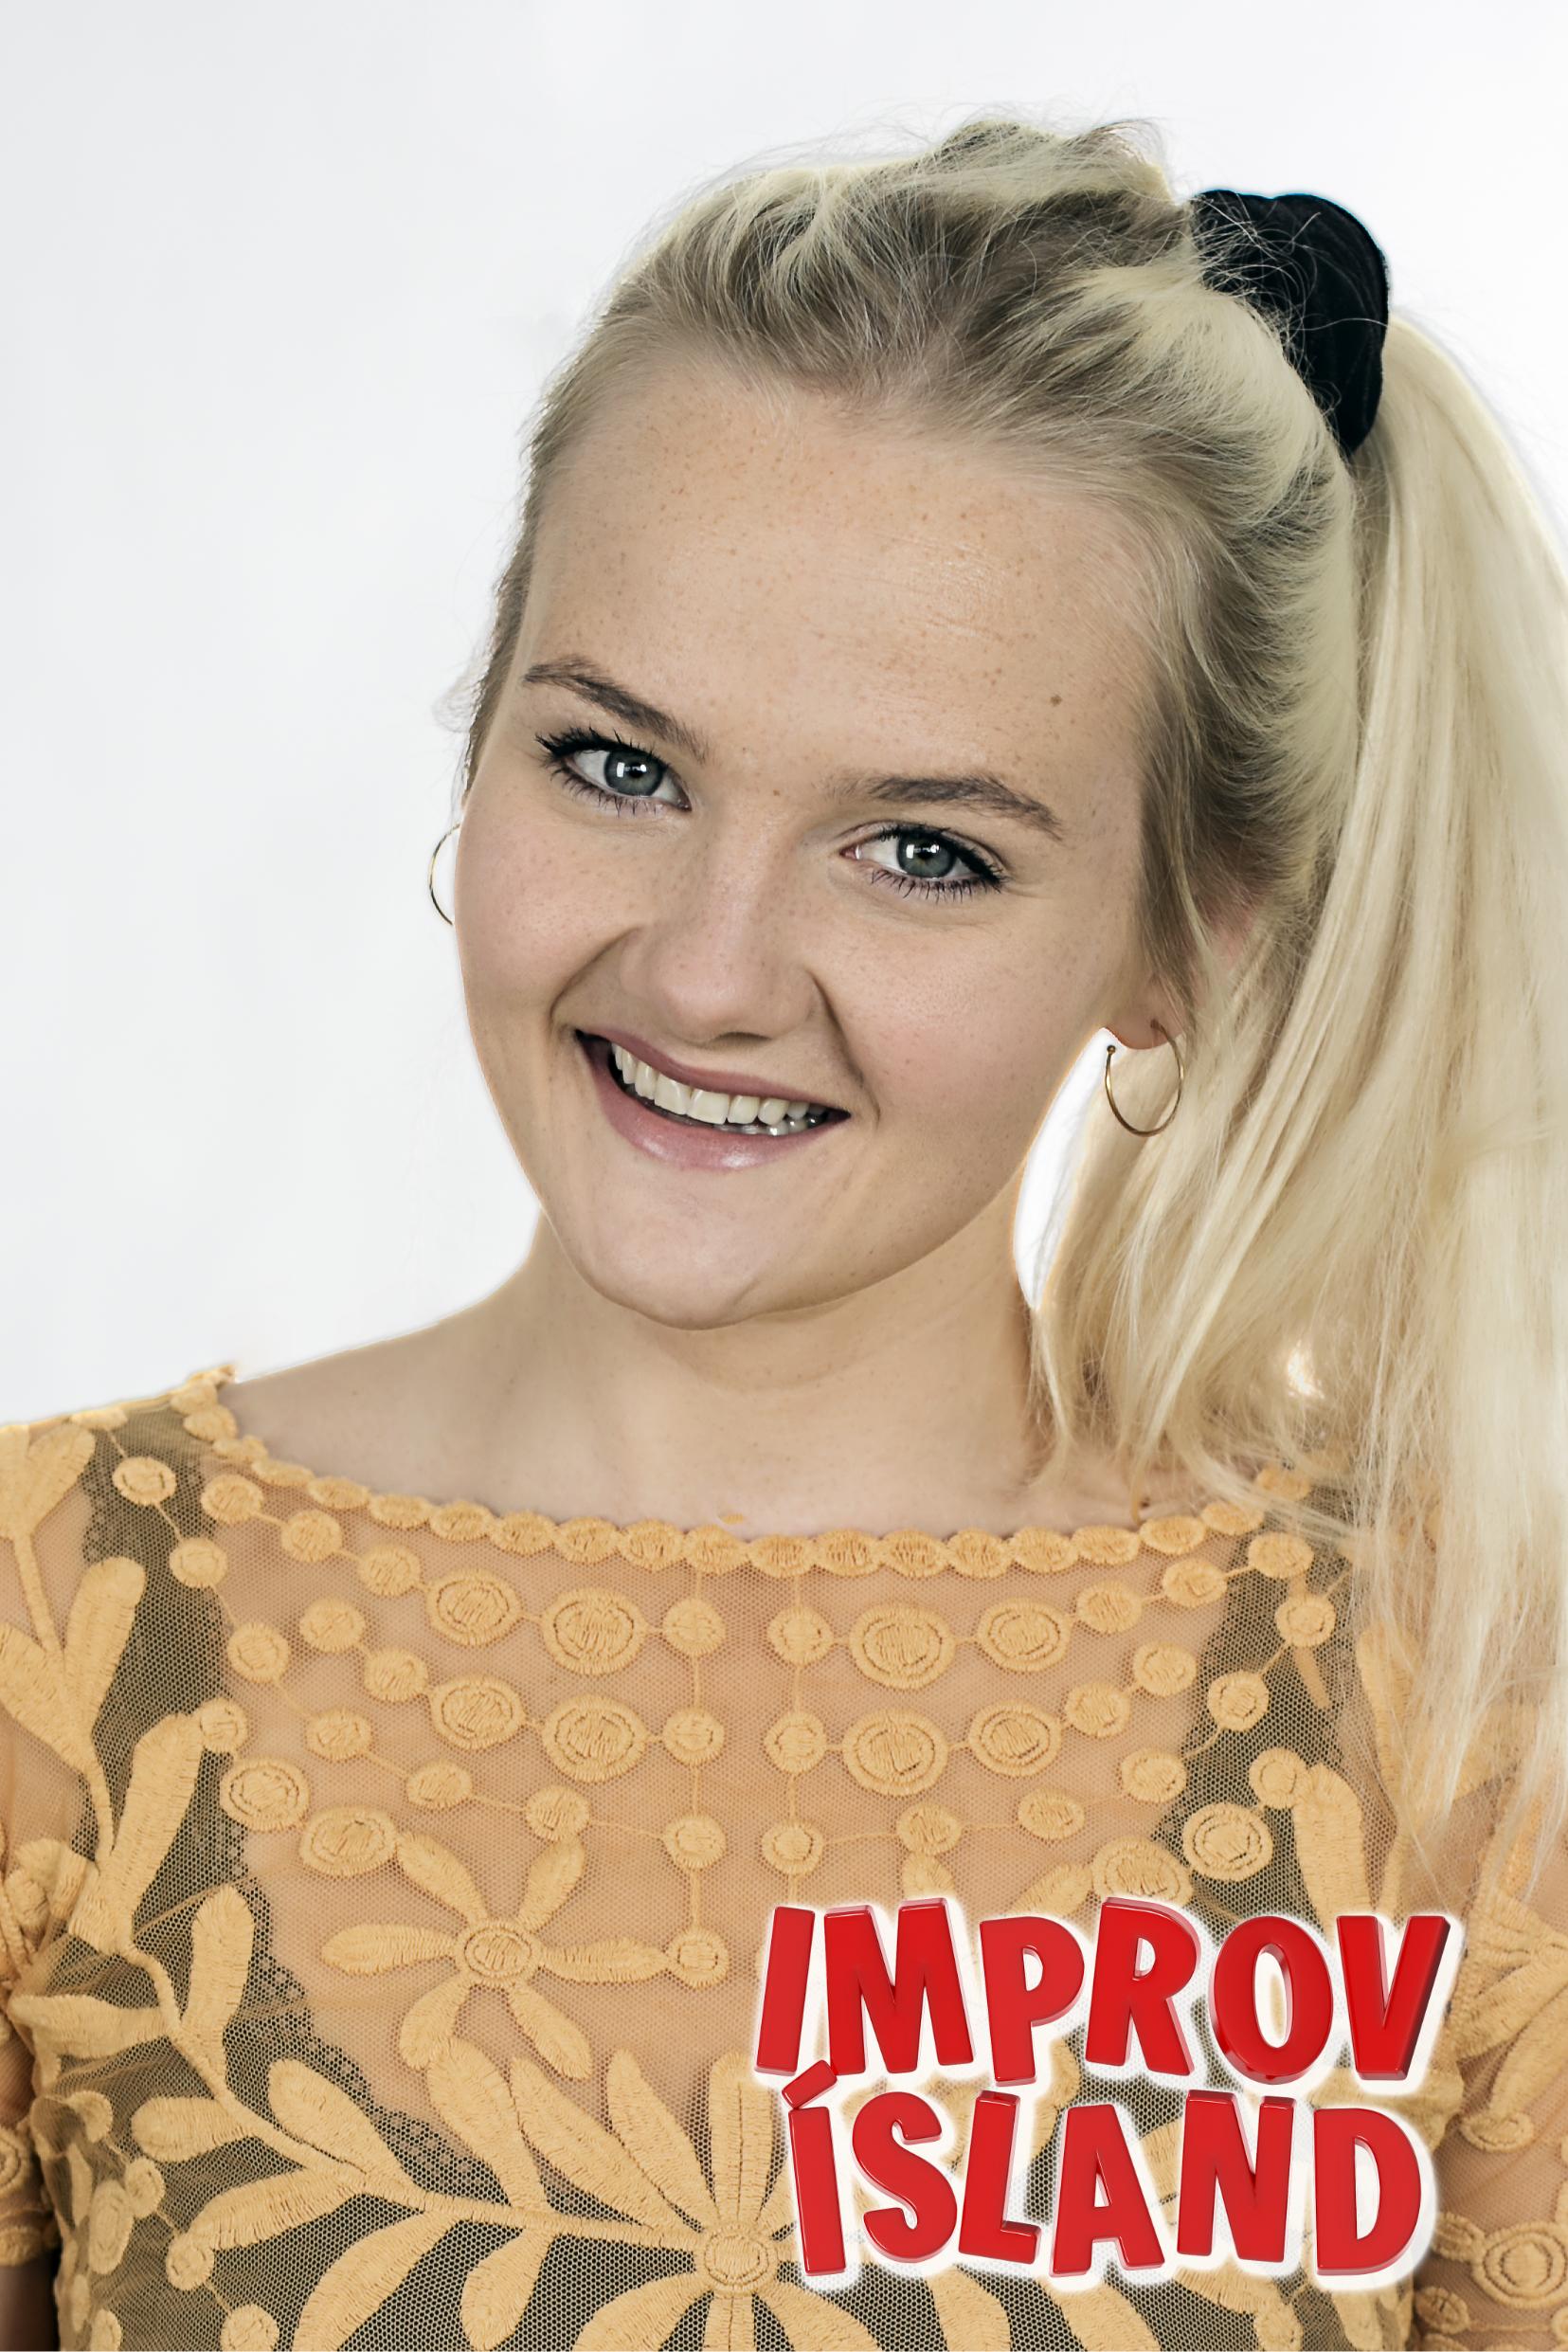 Vala Kristín Eiríksdóttir